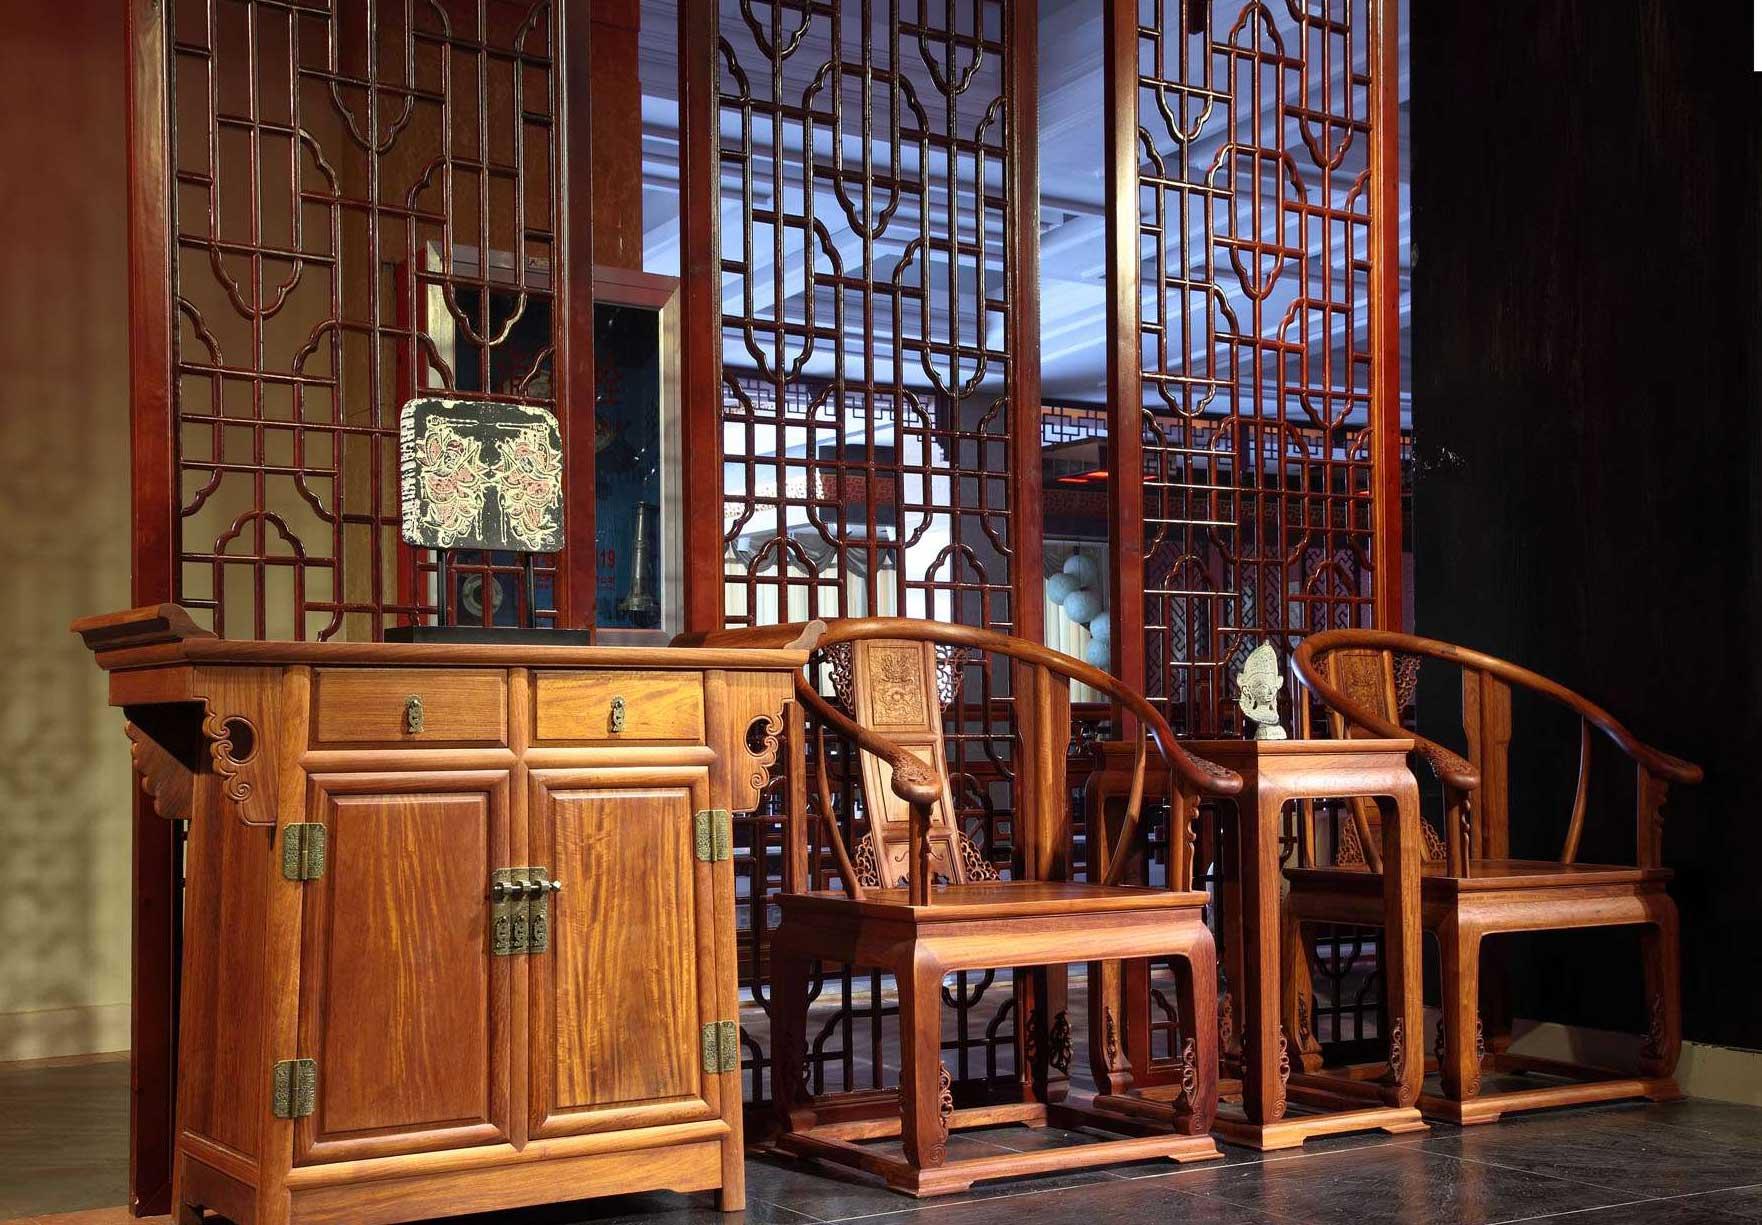 中式居室空间屏风家具演绎古典,静默,掩映,朦胧之美